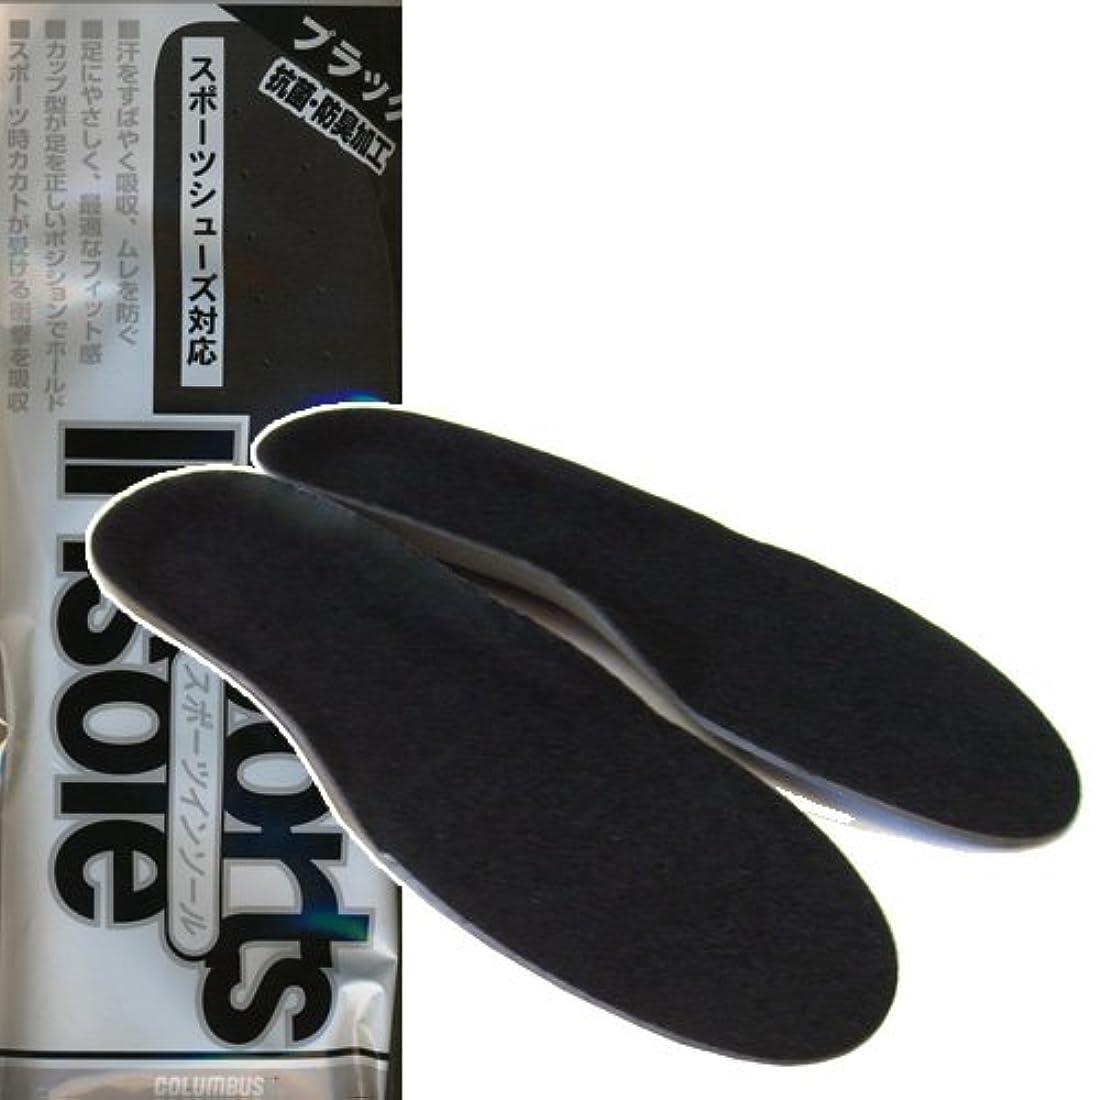 受け皿飢えた混合したコロンブス スポーツインソール ブラック 女性用 フリーサイズ(22.0~25.0cm)